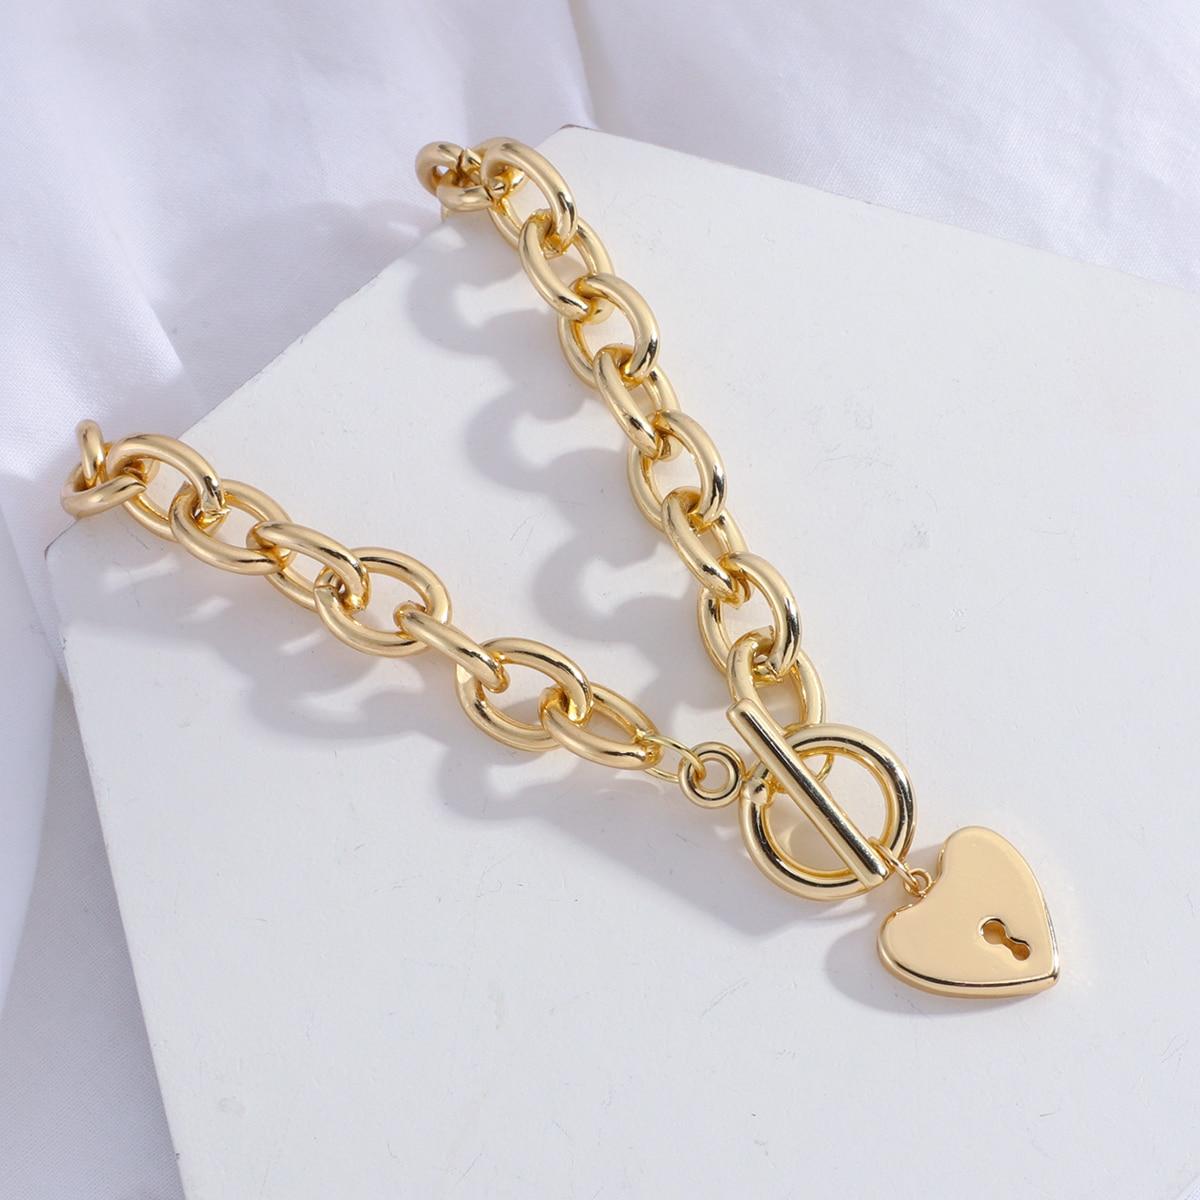 Женское Ожерелье-чокер AENSOA, толстая цепочка золотого цвета с подвеской в форме сердца, минималистичное колье, Ювелирное Украшение